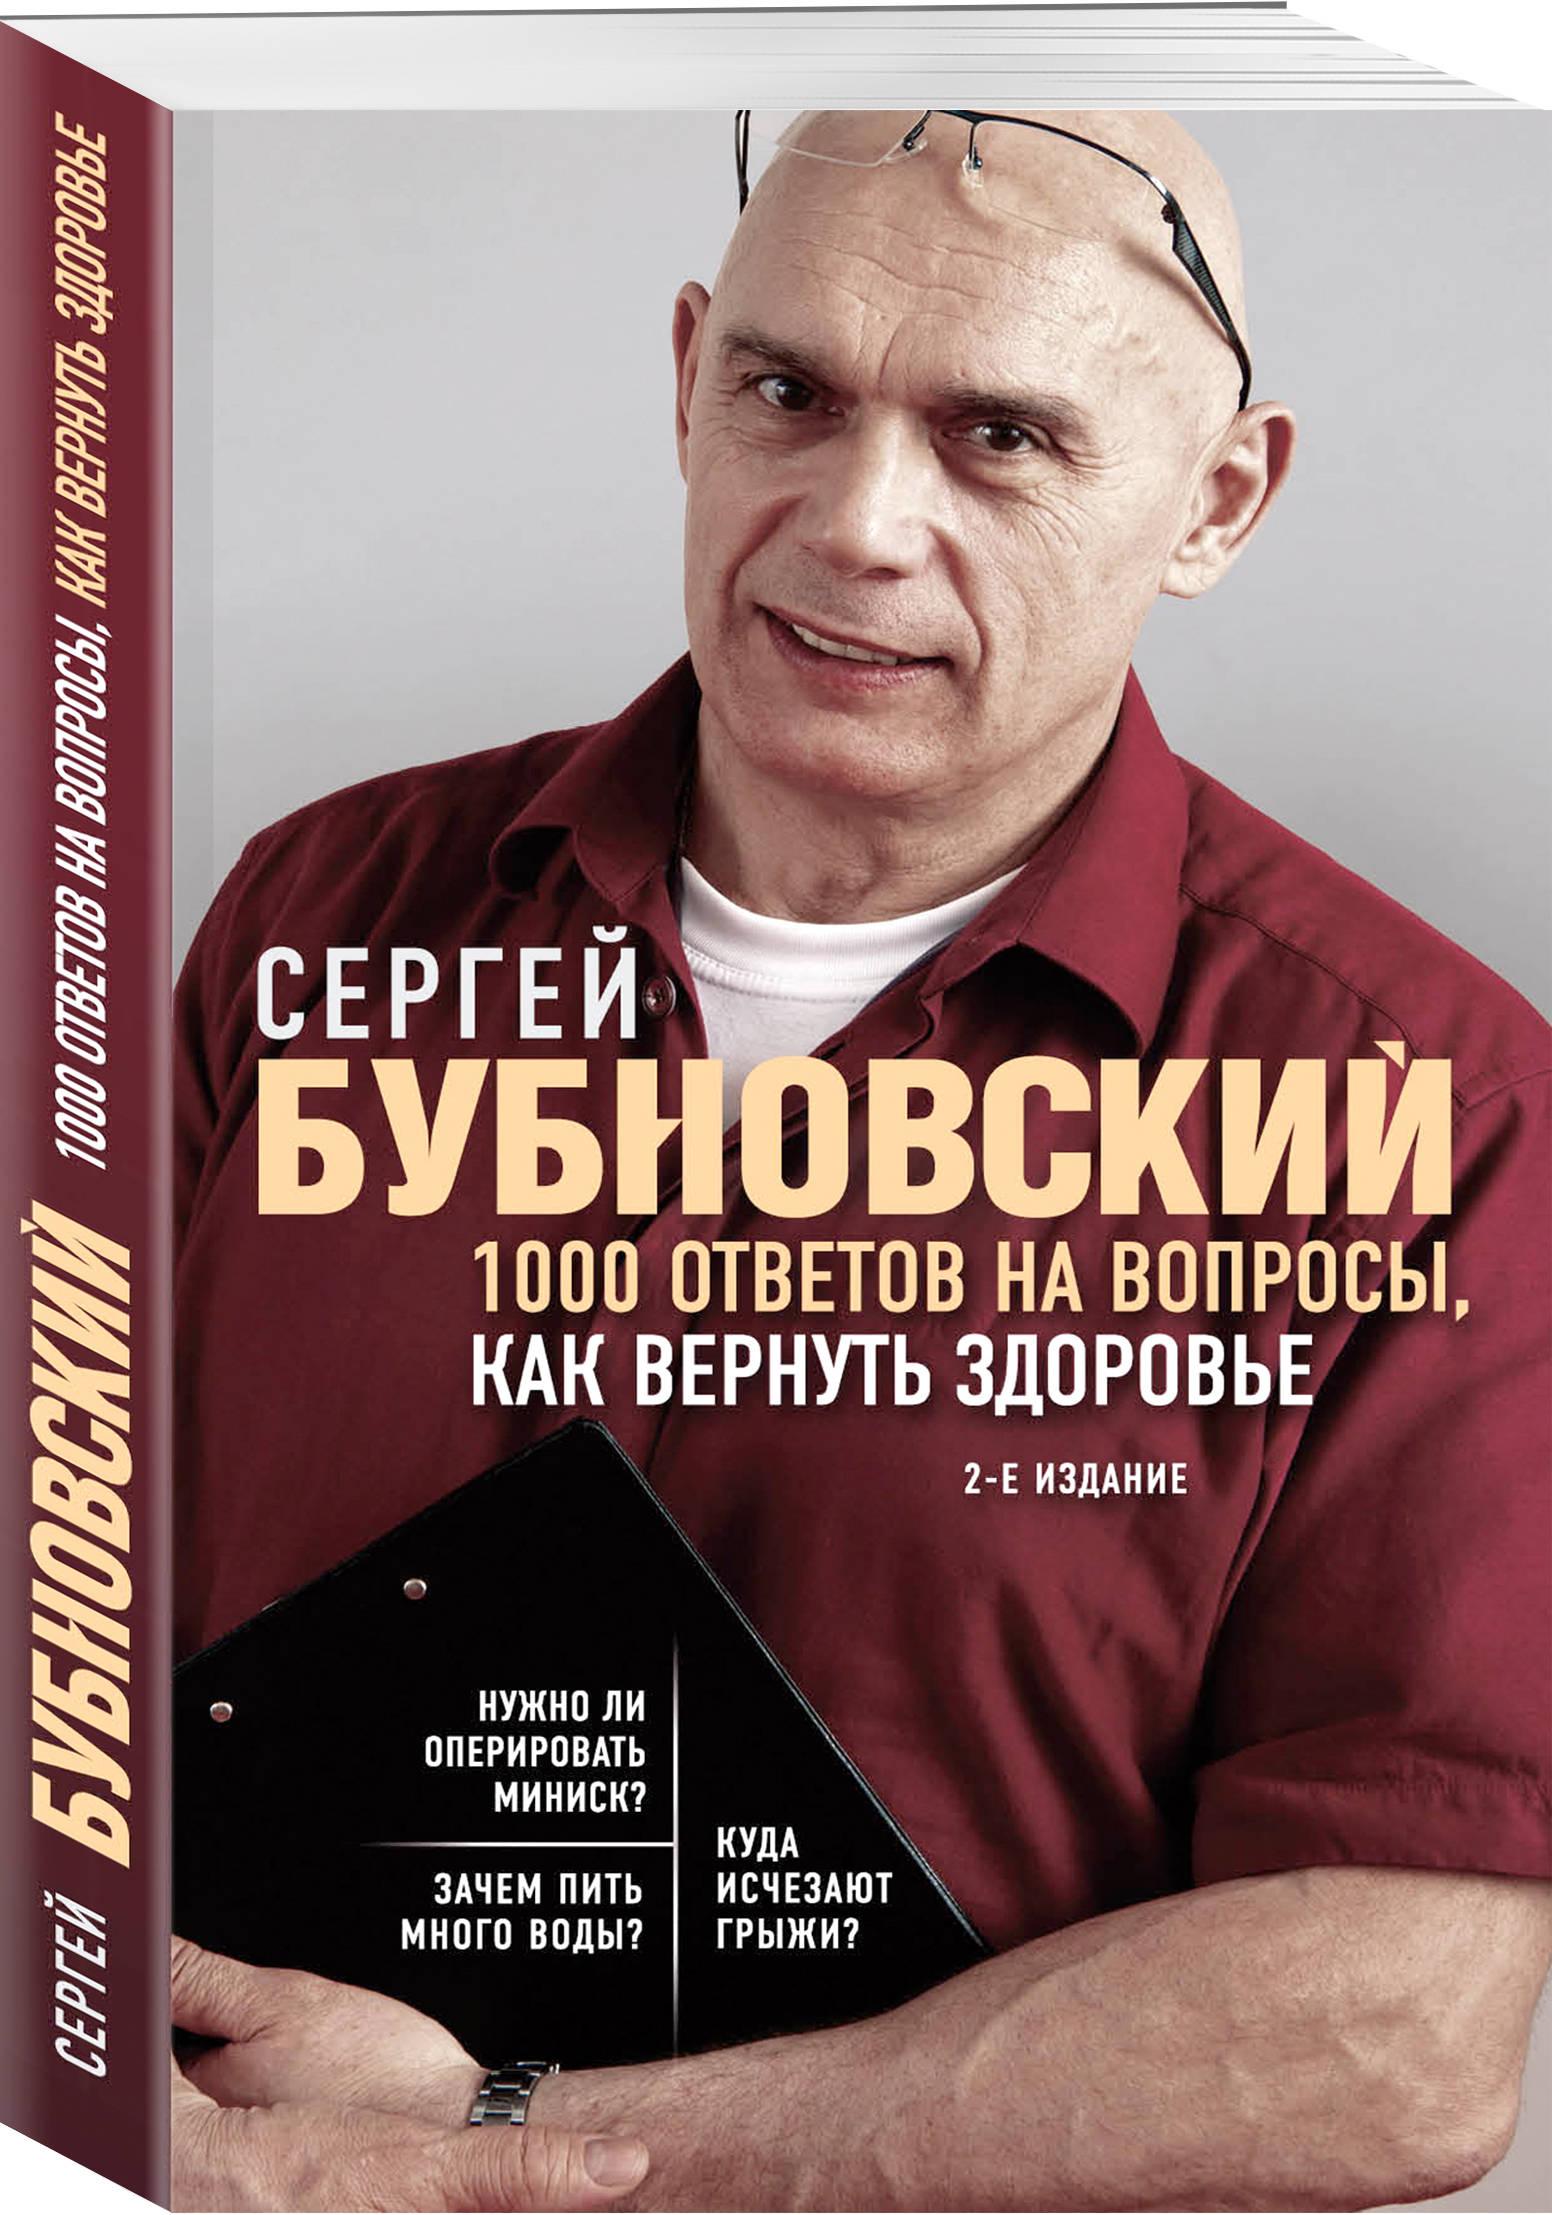 1000 ответов на вопросы, как вернуть здоровье. 2-е издание ( Бубновский Сергей Михайлович  )